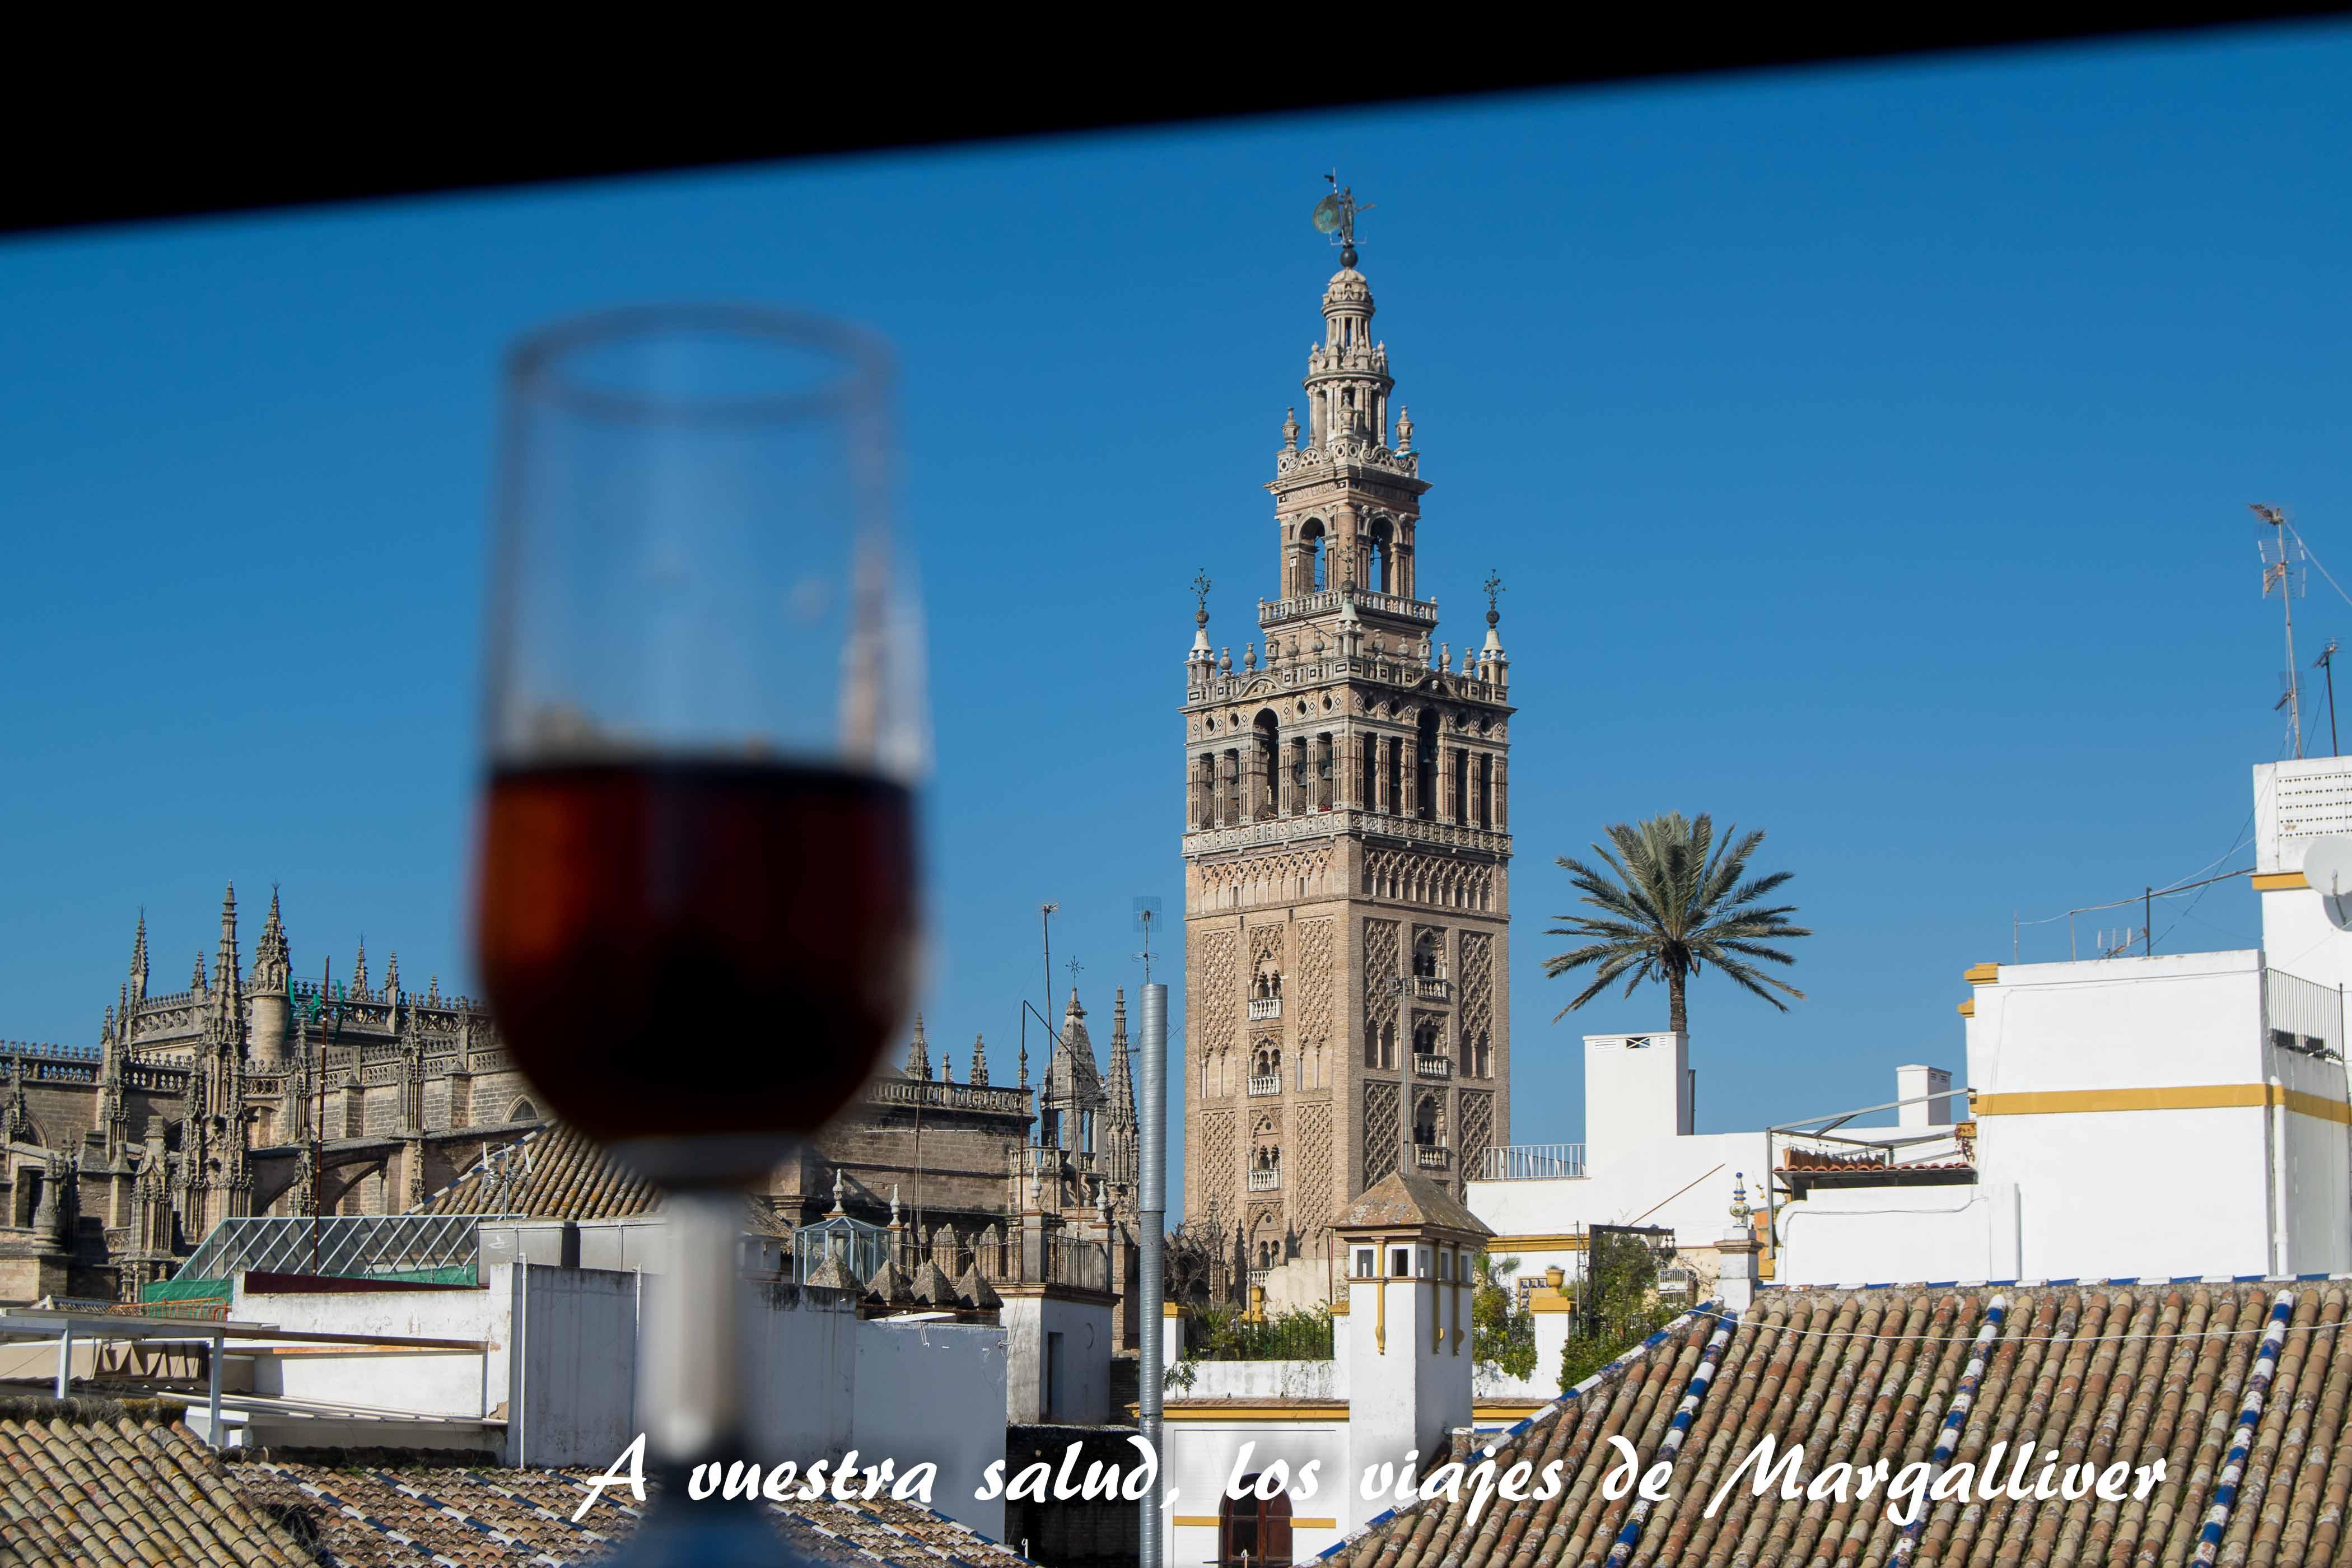 Tomando un vino en la azotea de la casa-museo Amalio - Los viajes de margalliver